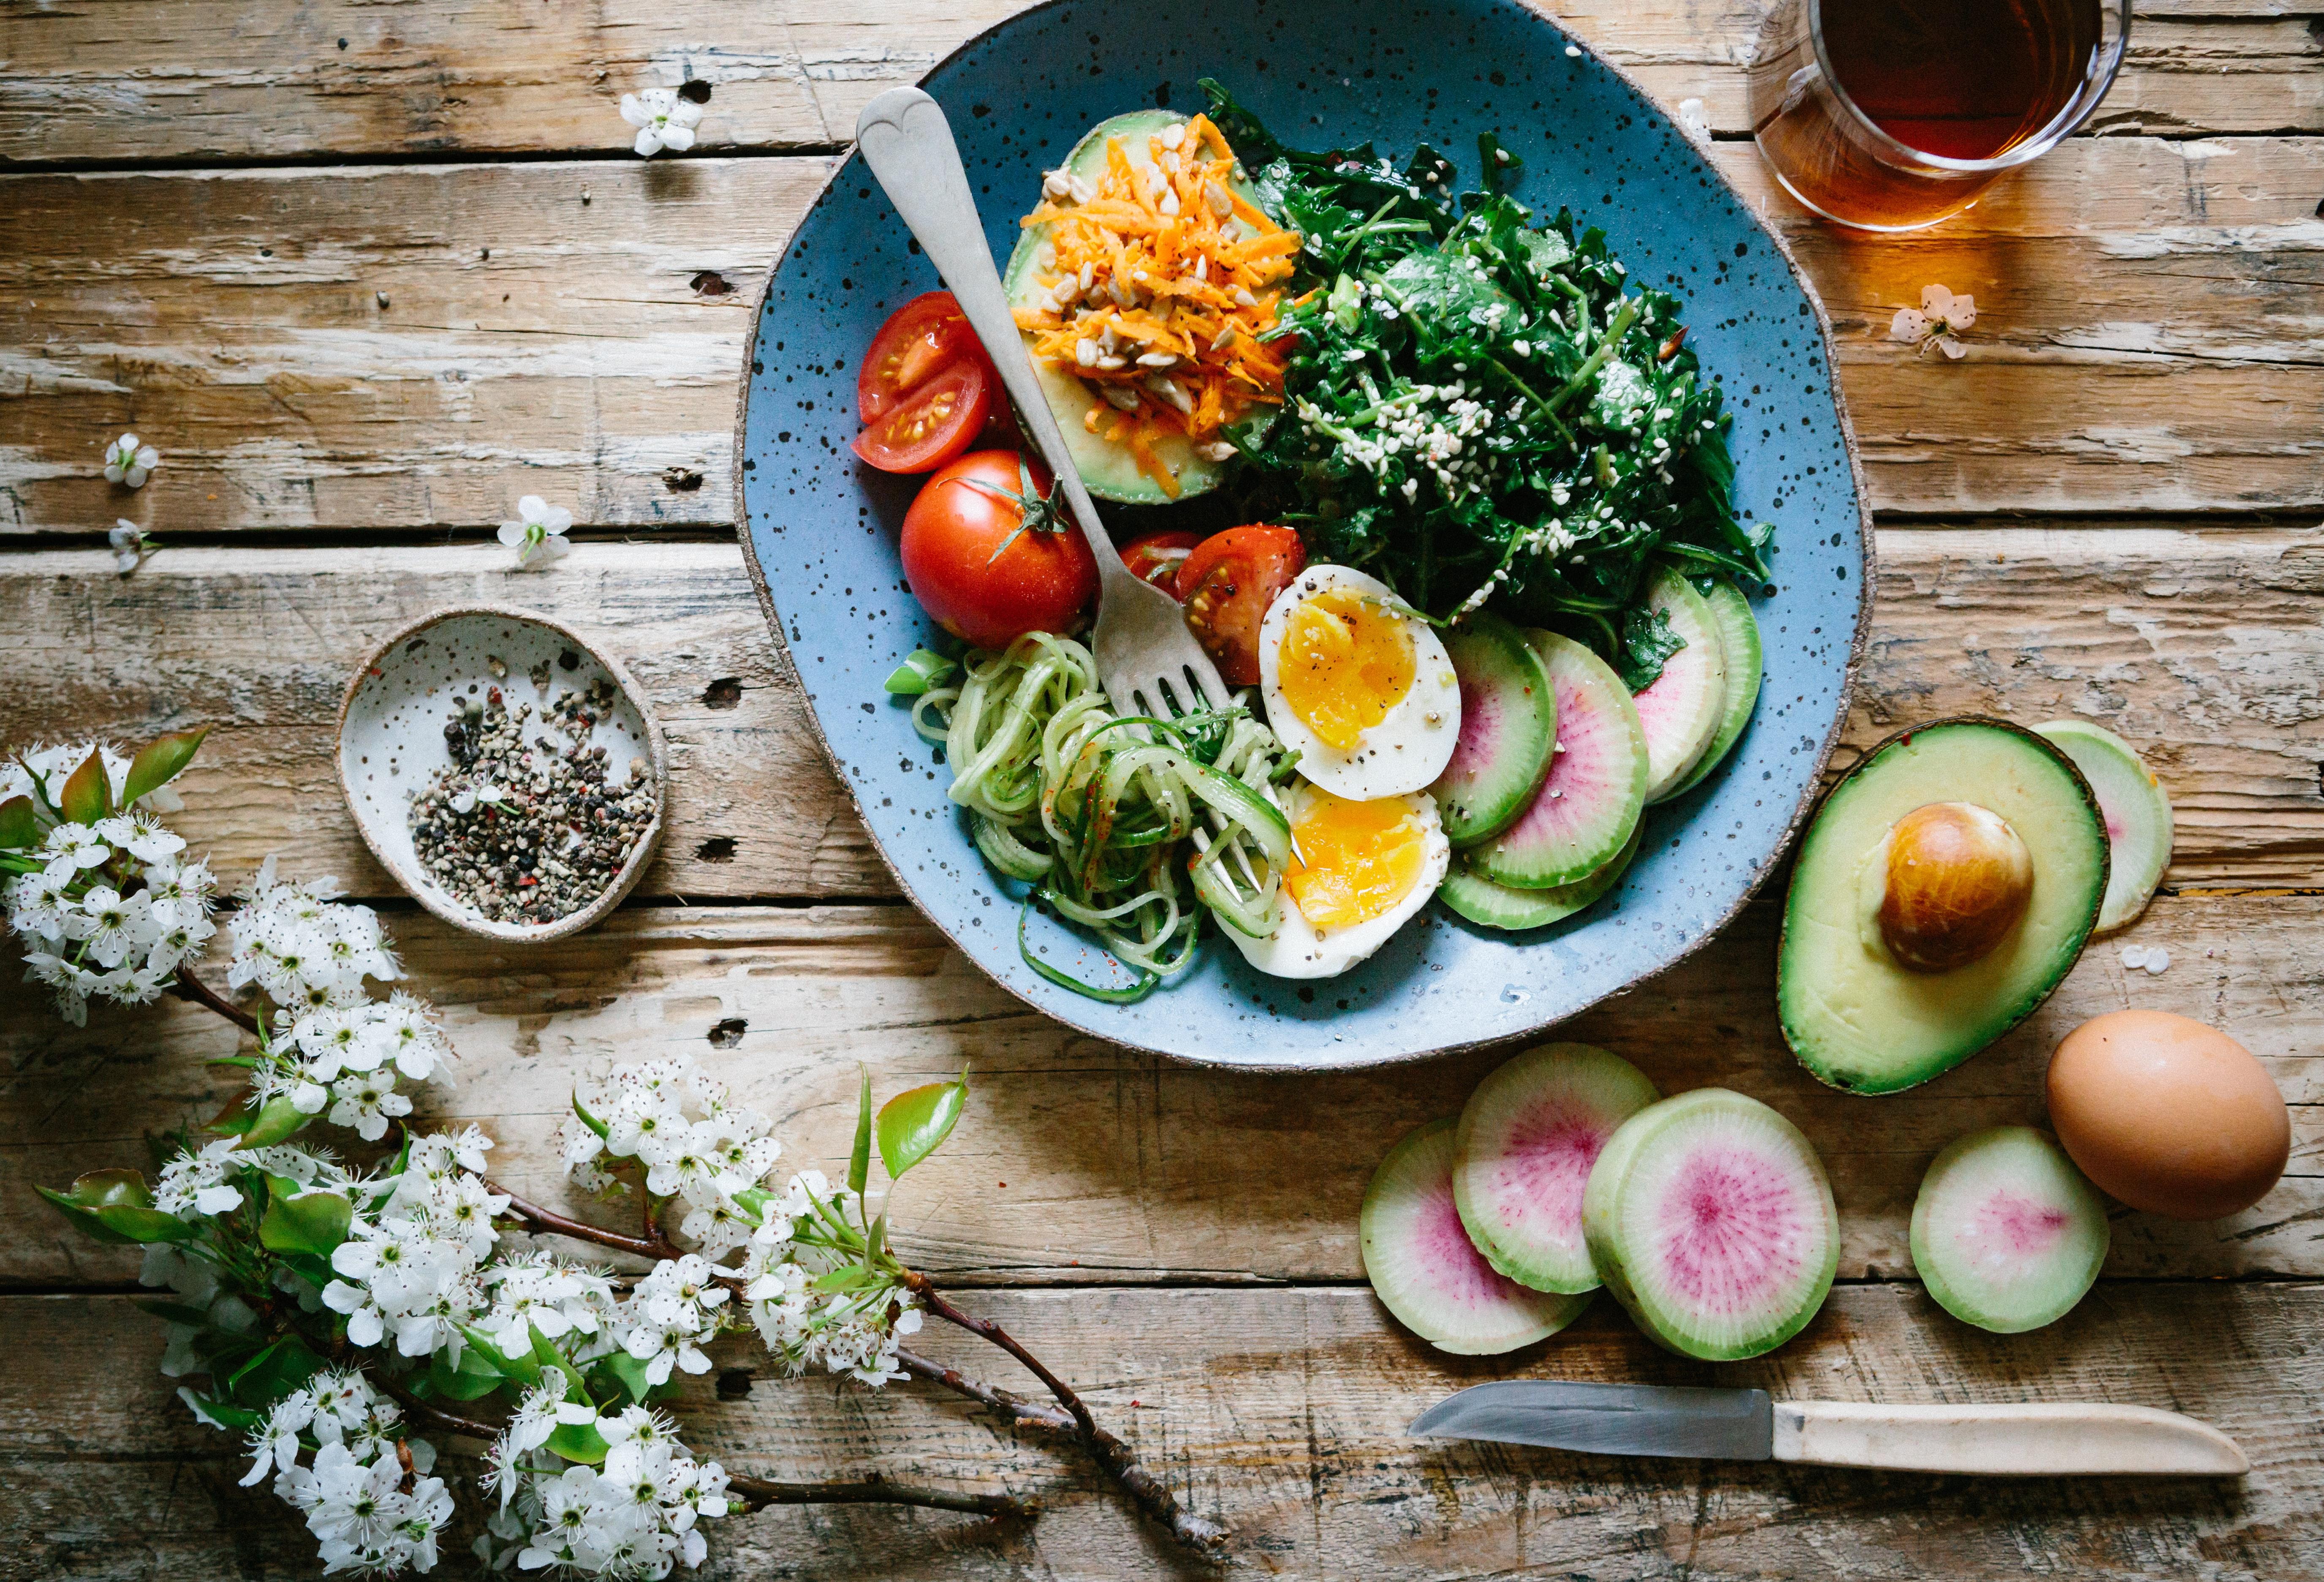 B型におすすめのダイエット方法!痩せる食事・食材や運動のコツ!